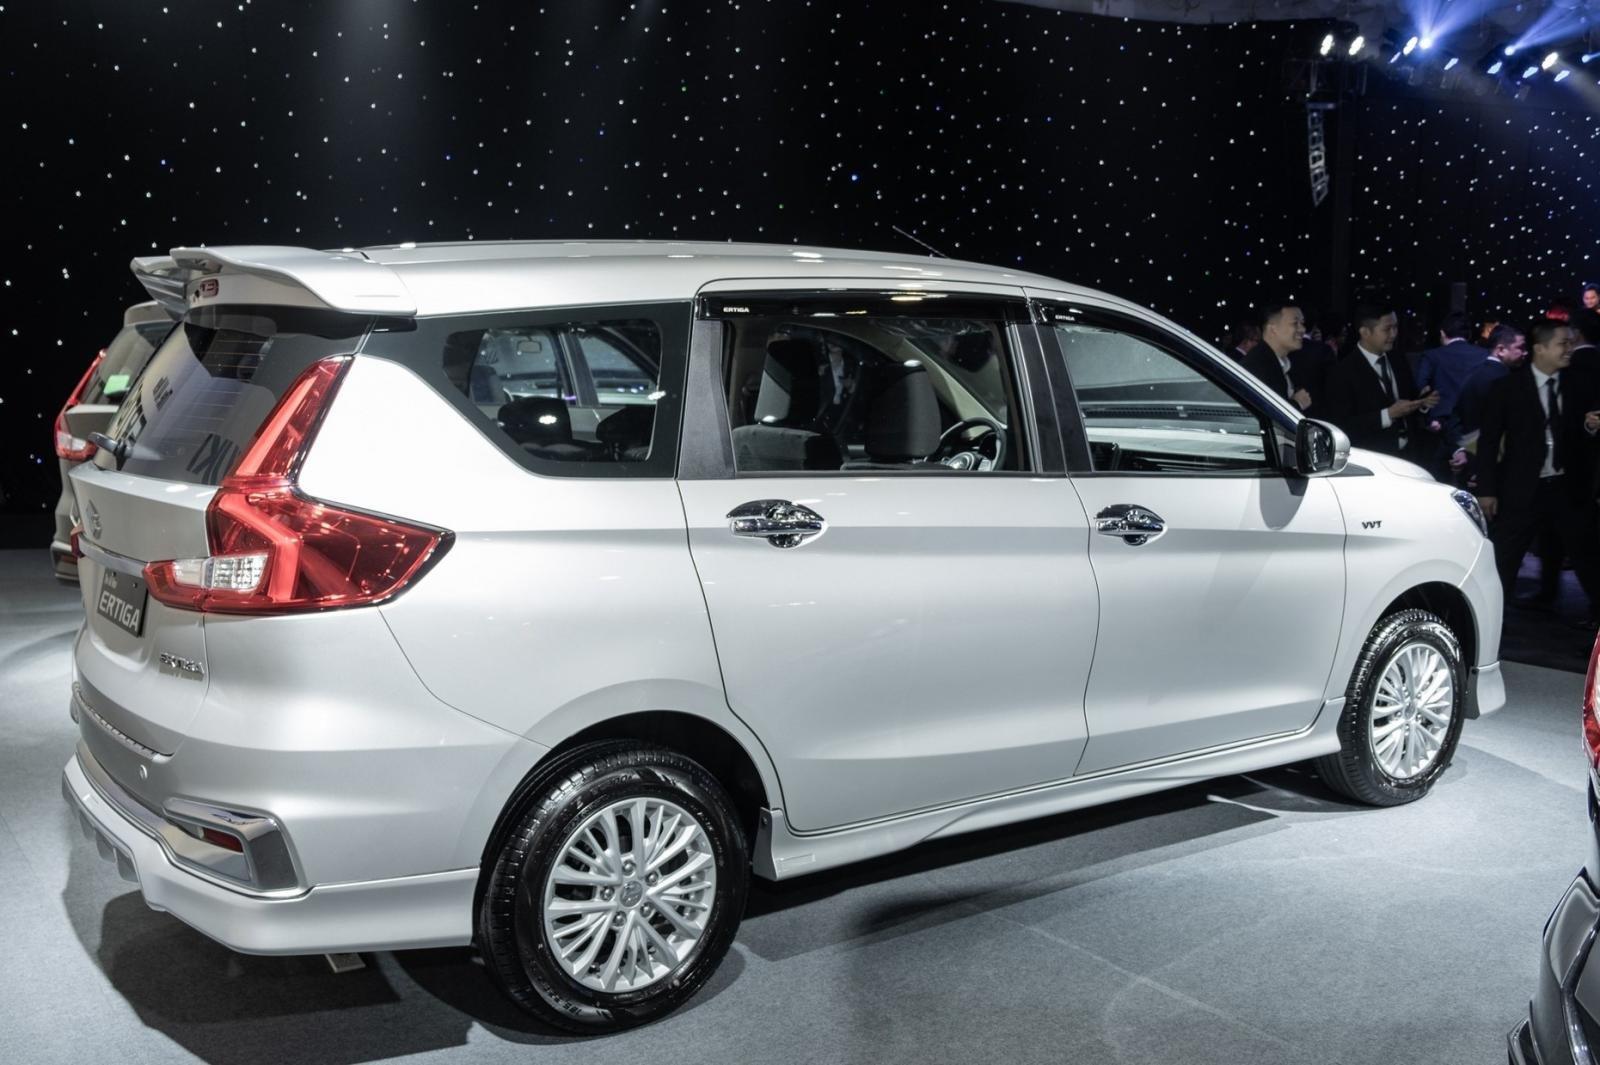 Cuối năm mới được giao xe, khách mua Suzuki Ertiga 2019 chờ dài cổ a4